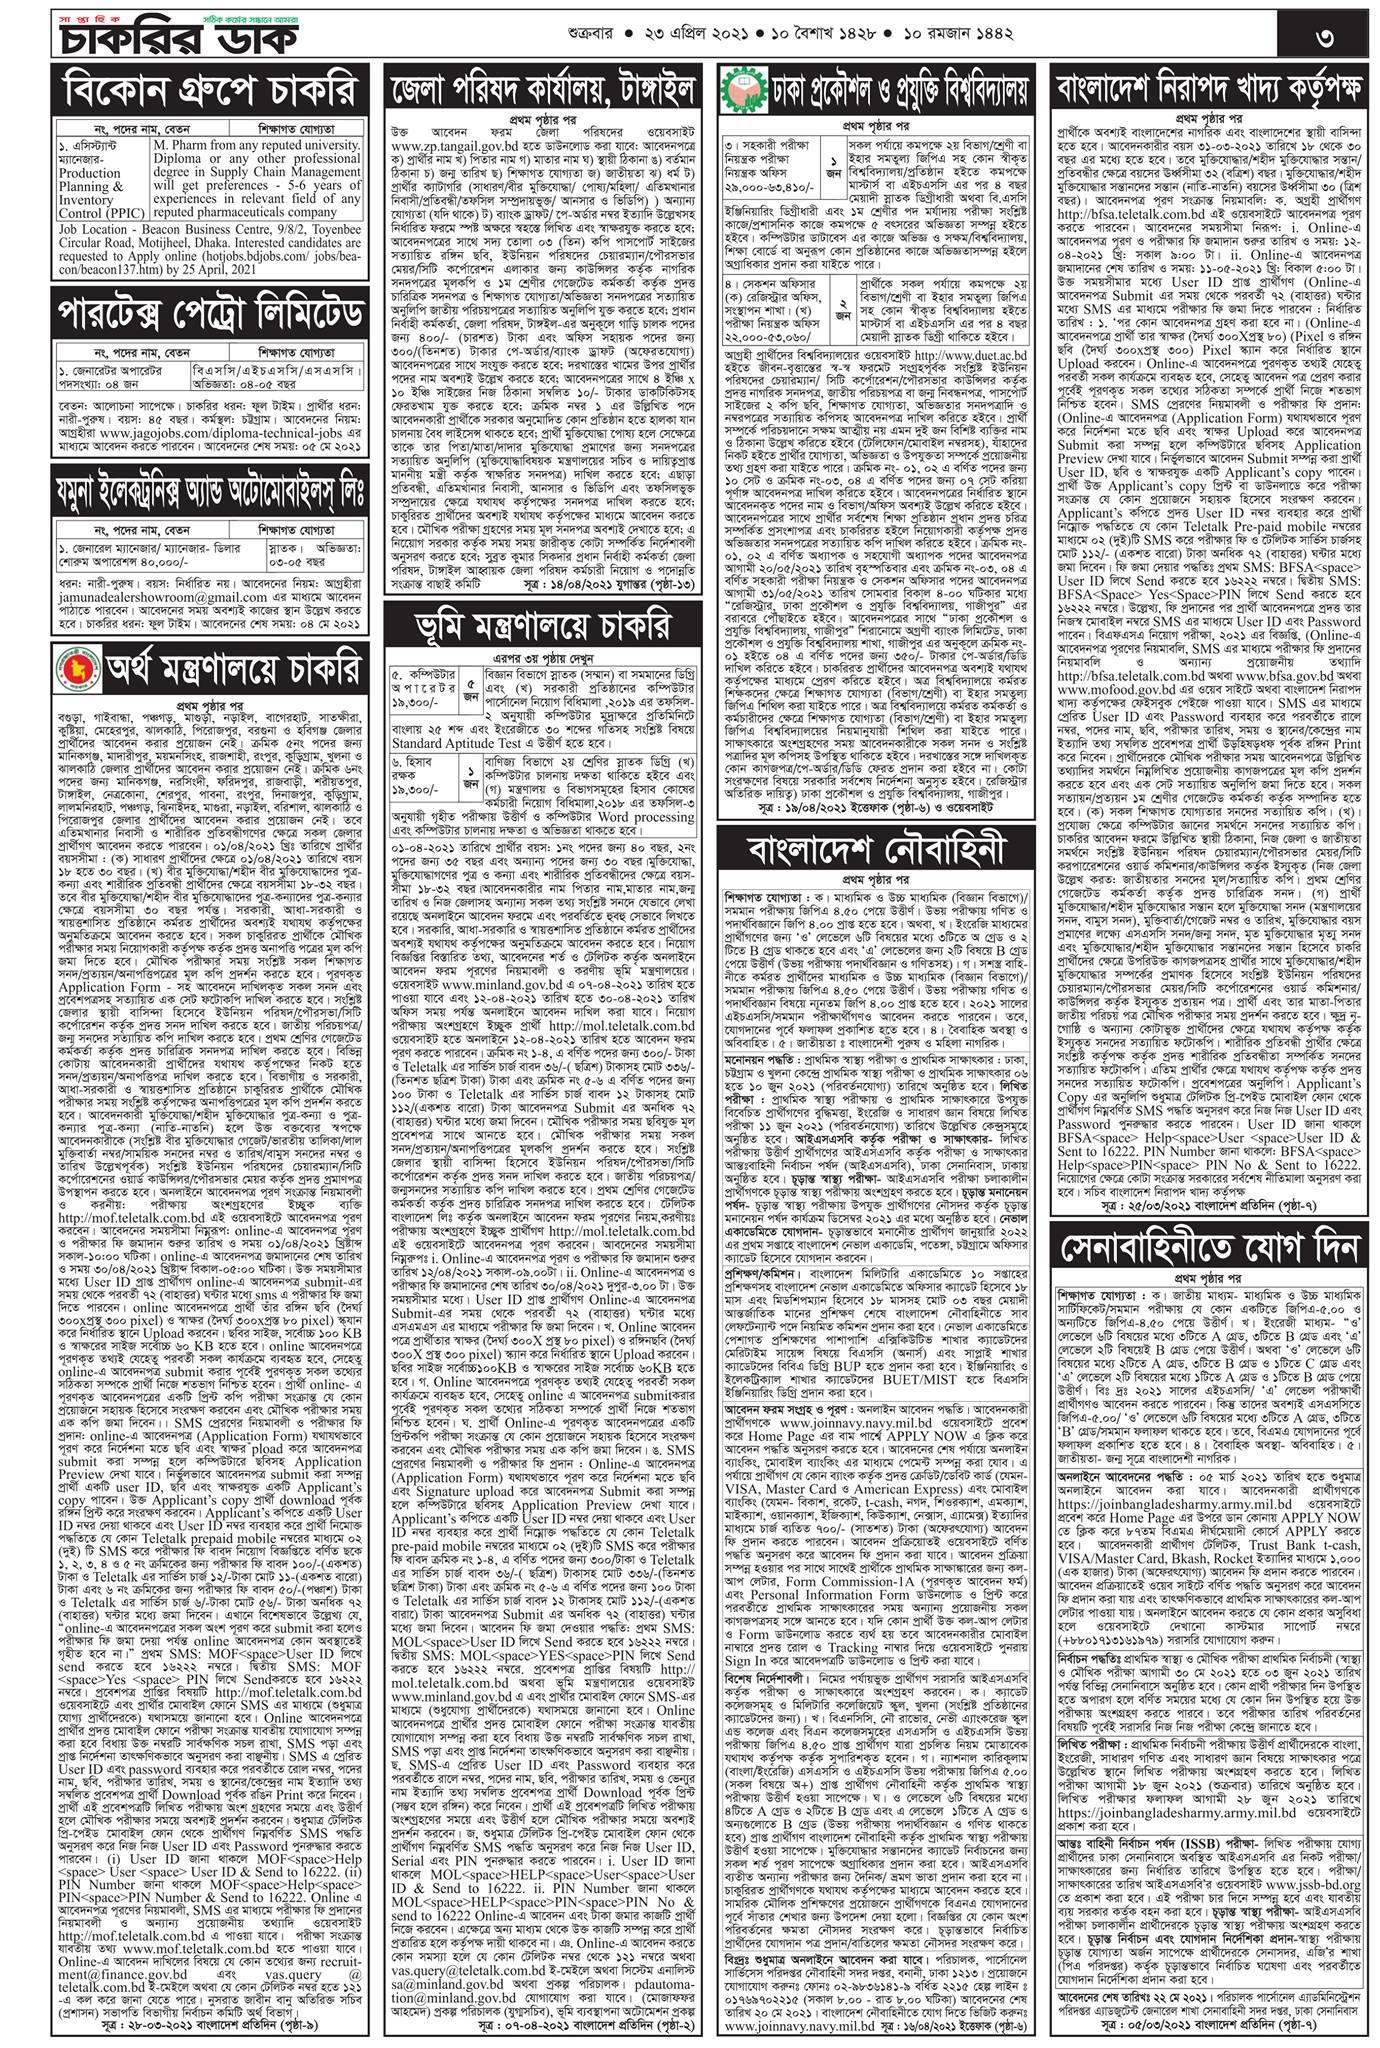 সাপ্তাহিক চাকরির ডাক পত্রিকা পিডিএফডাউনলোড  ২৩এপ্রিল ২০২১-saptahik chakrir dak potrika